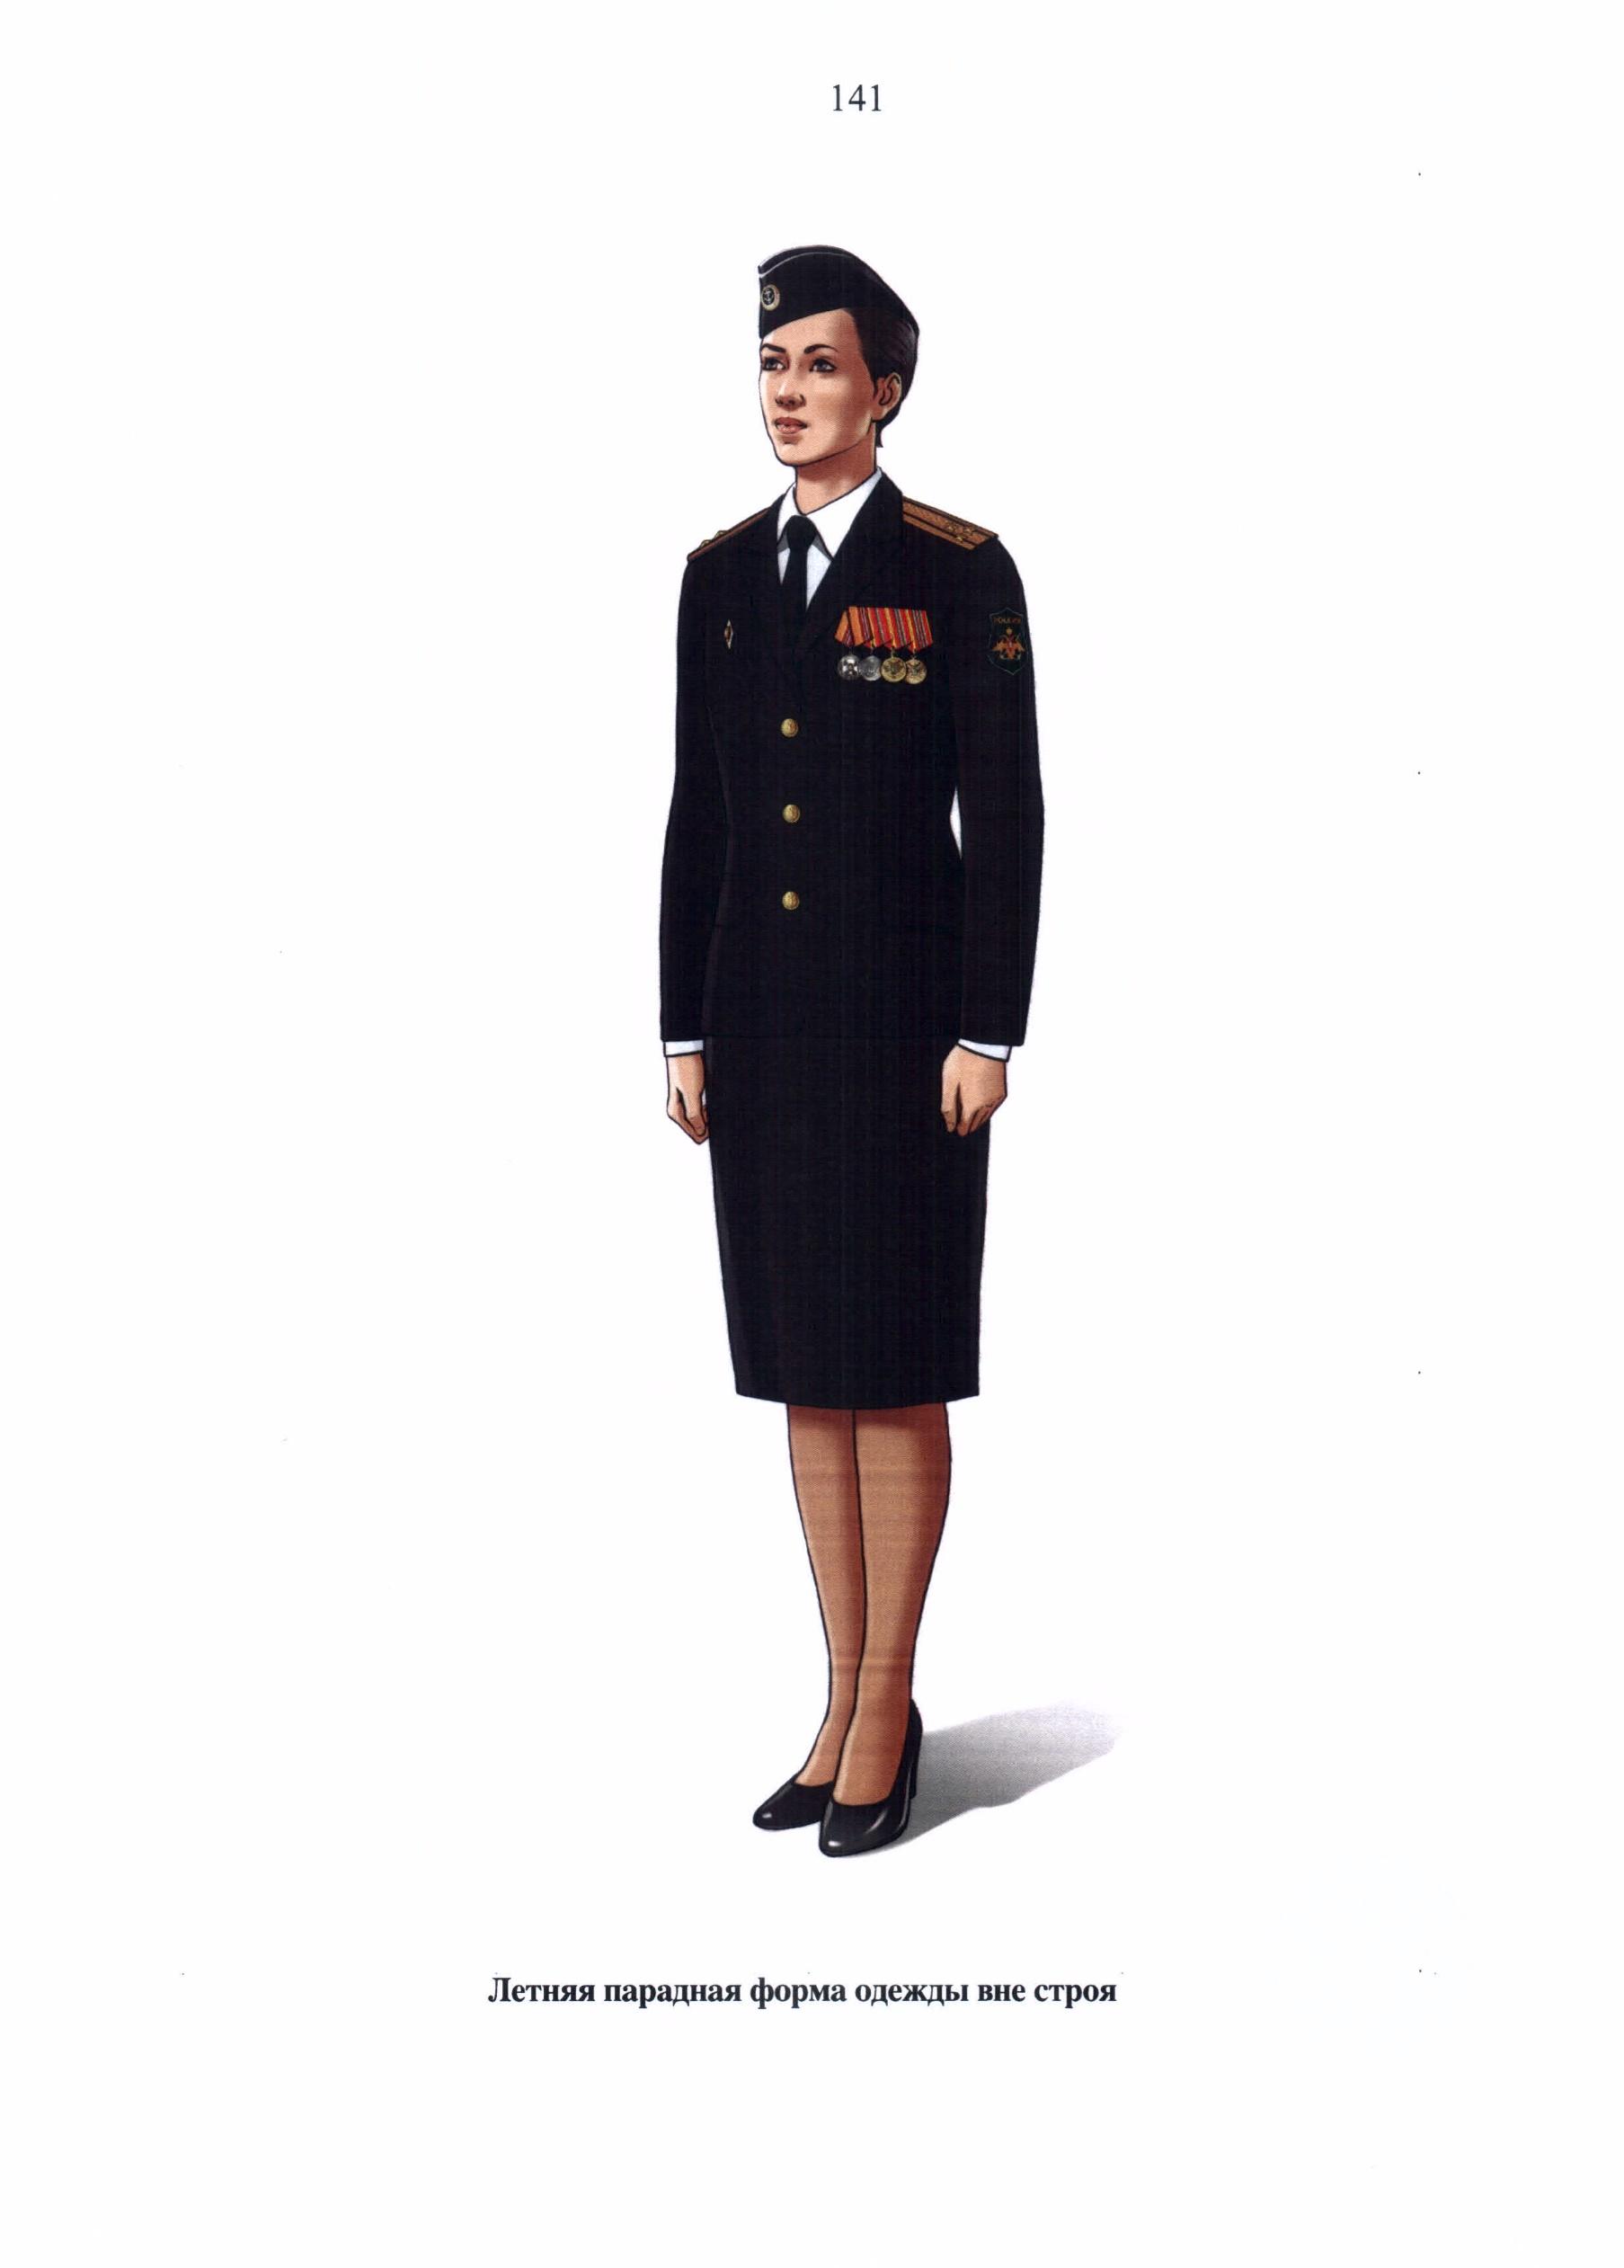 C:\Users\User\Desktop\Приказ МО РФ от 22.06.2015 г. № 300 Правила ношения военной формы одежды\181151.JPG